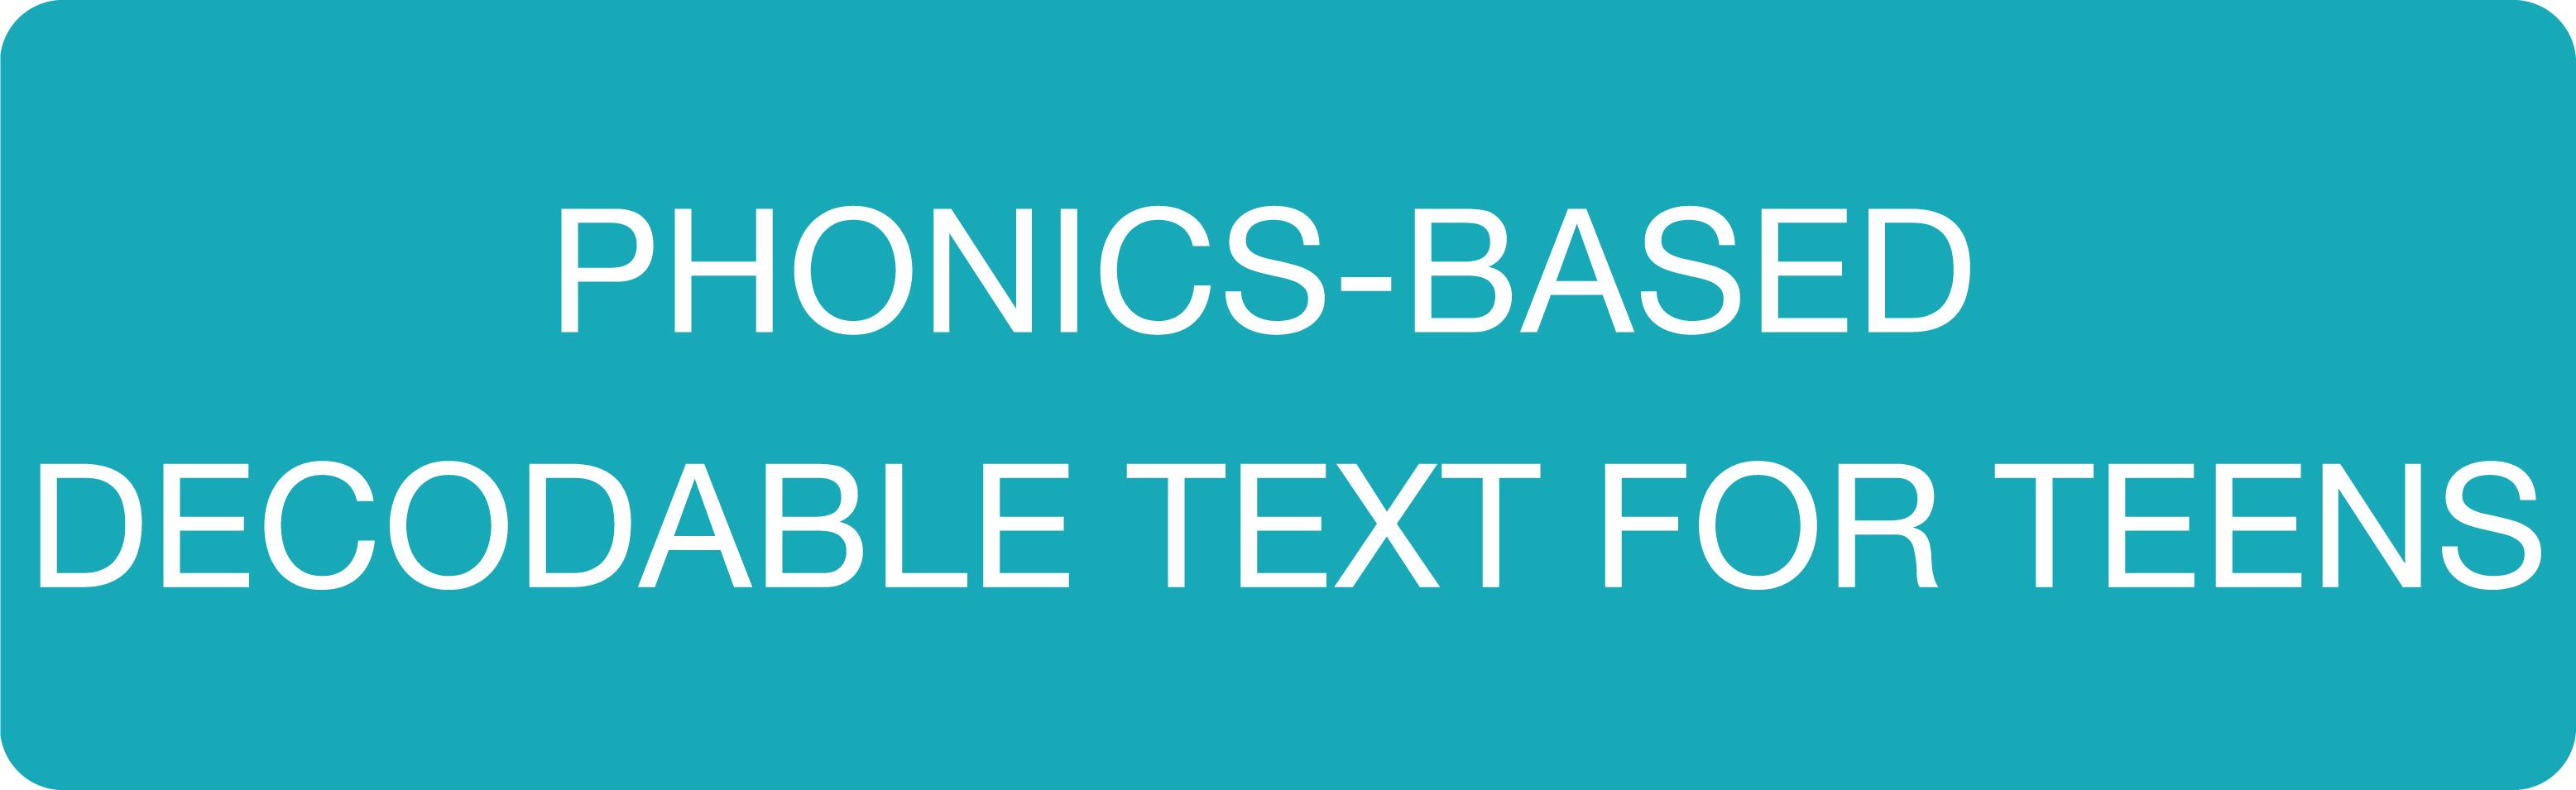 terlphonics-button.jpg